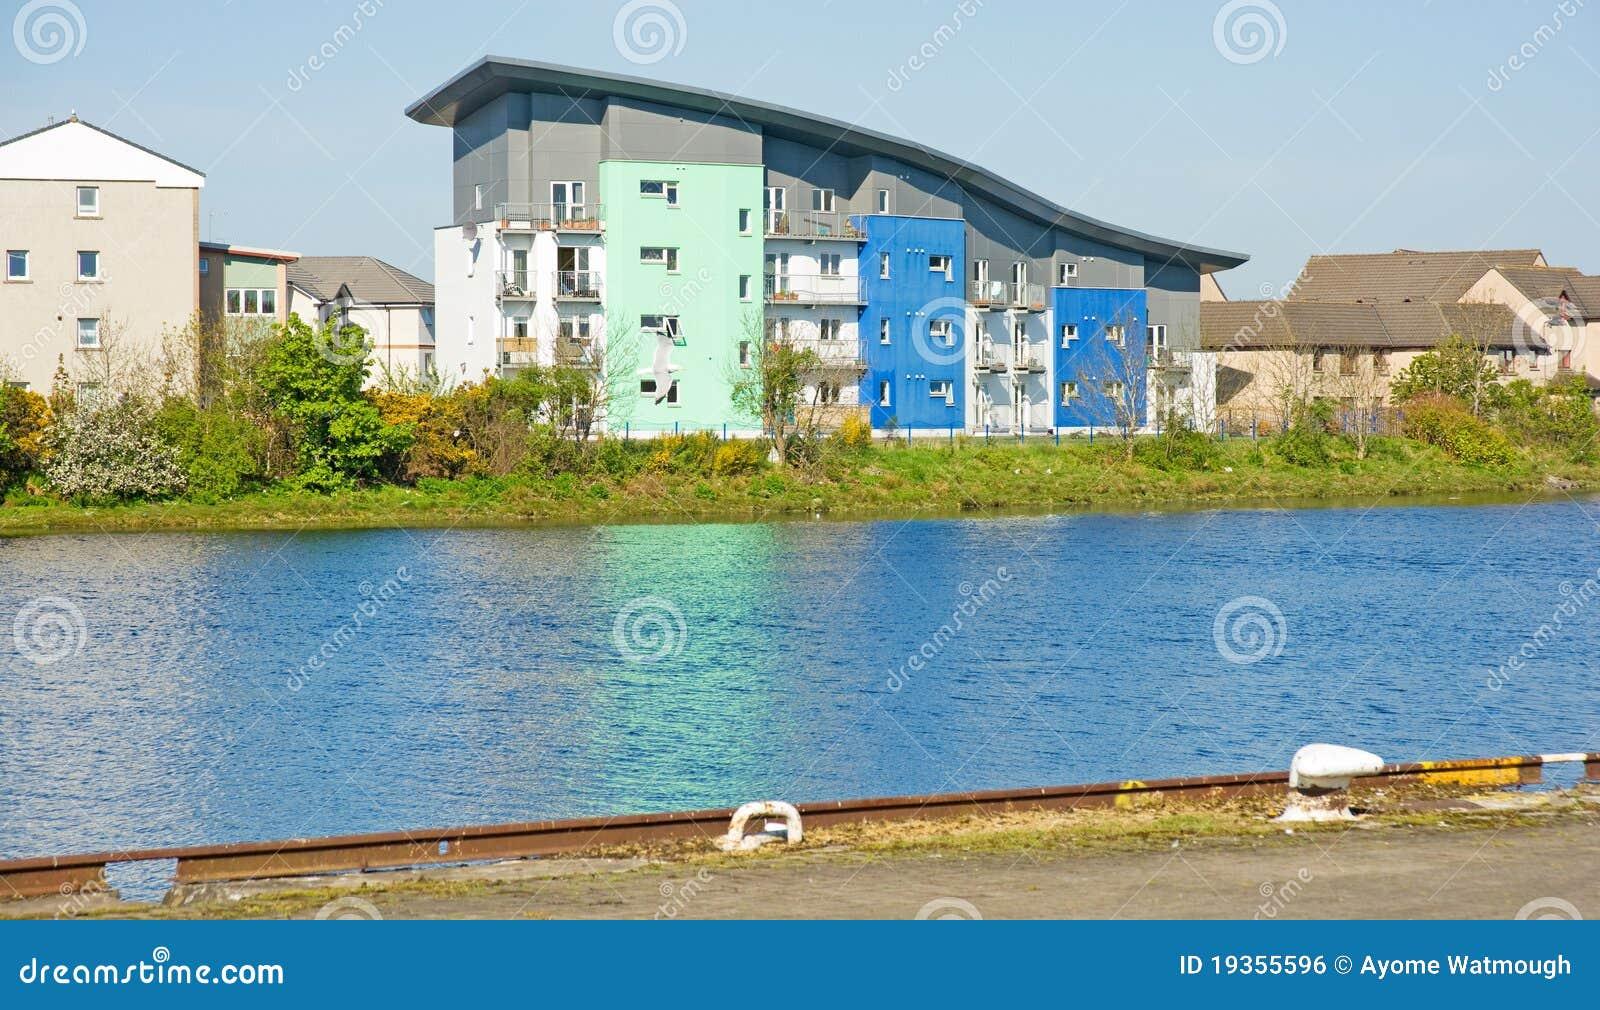 Bloco de apartamentos moderno pelo rio.